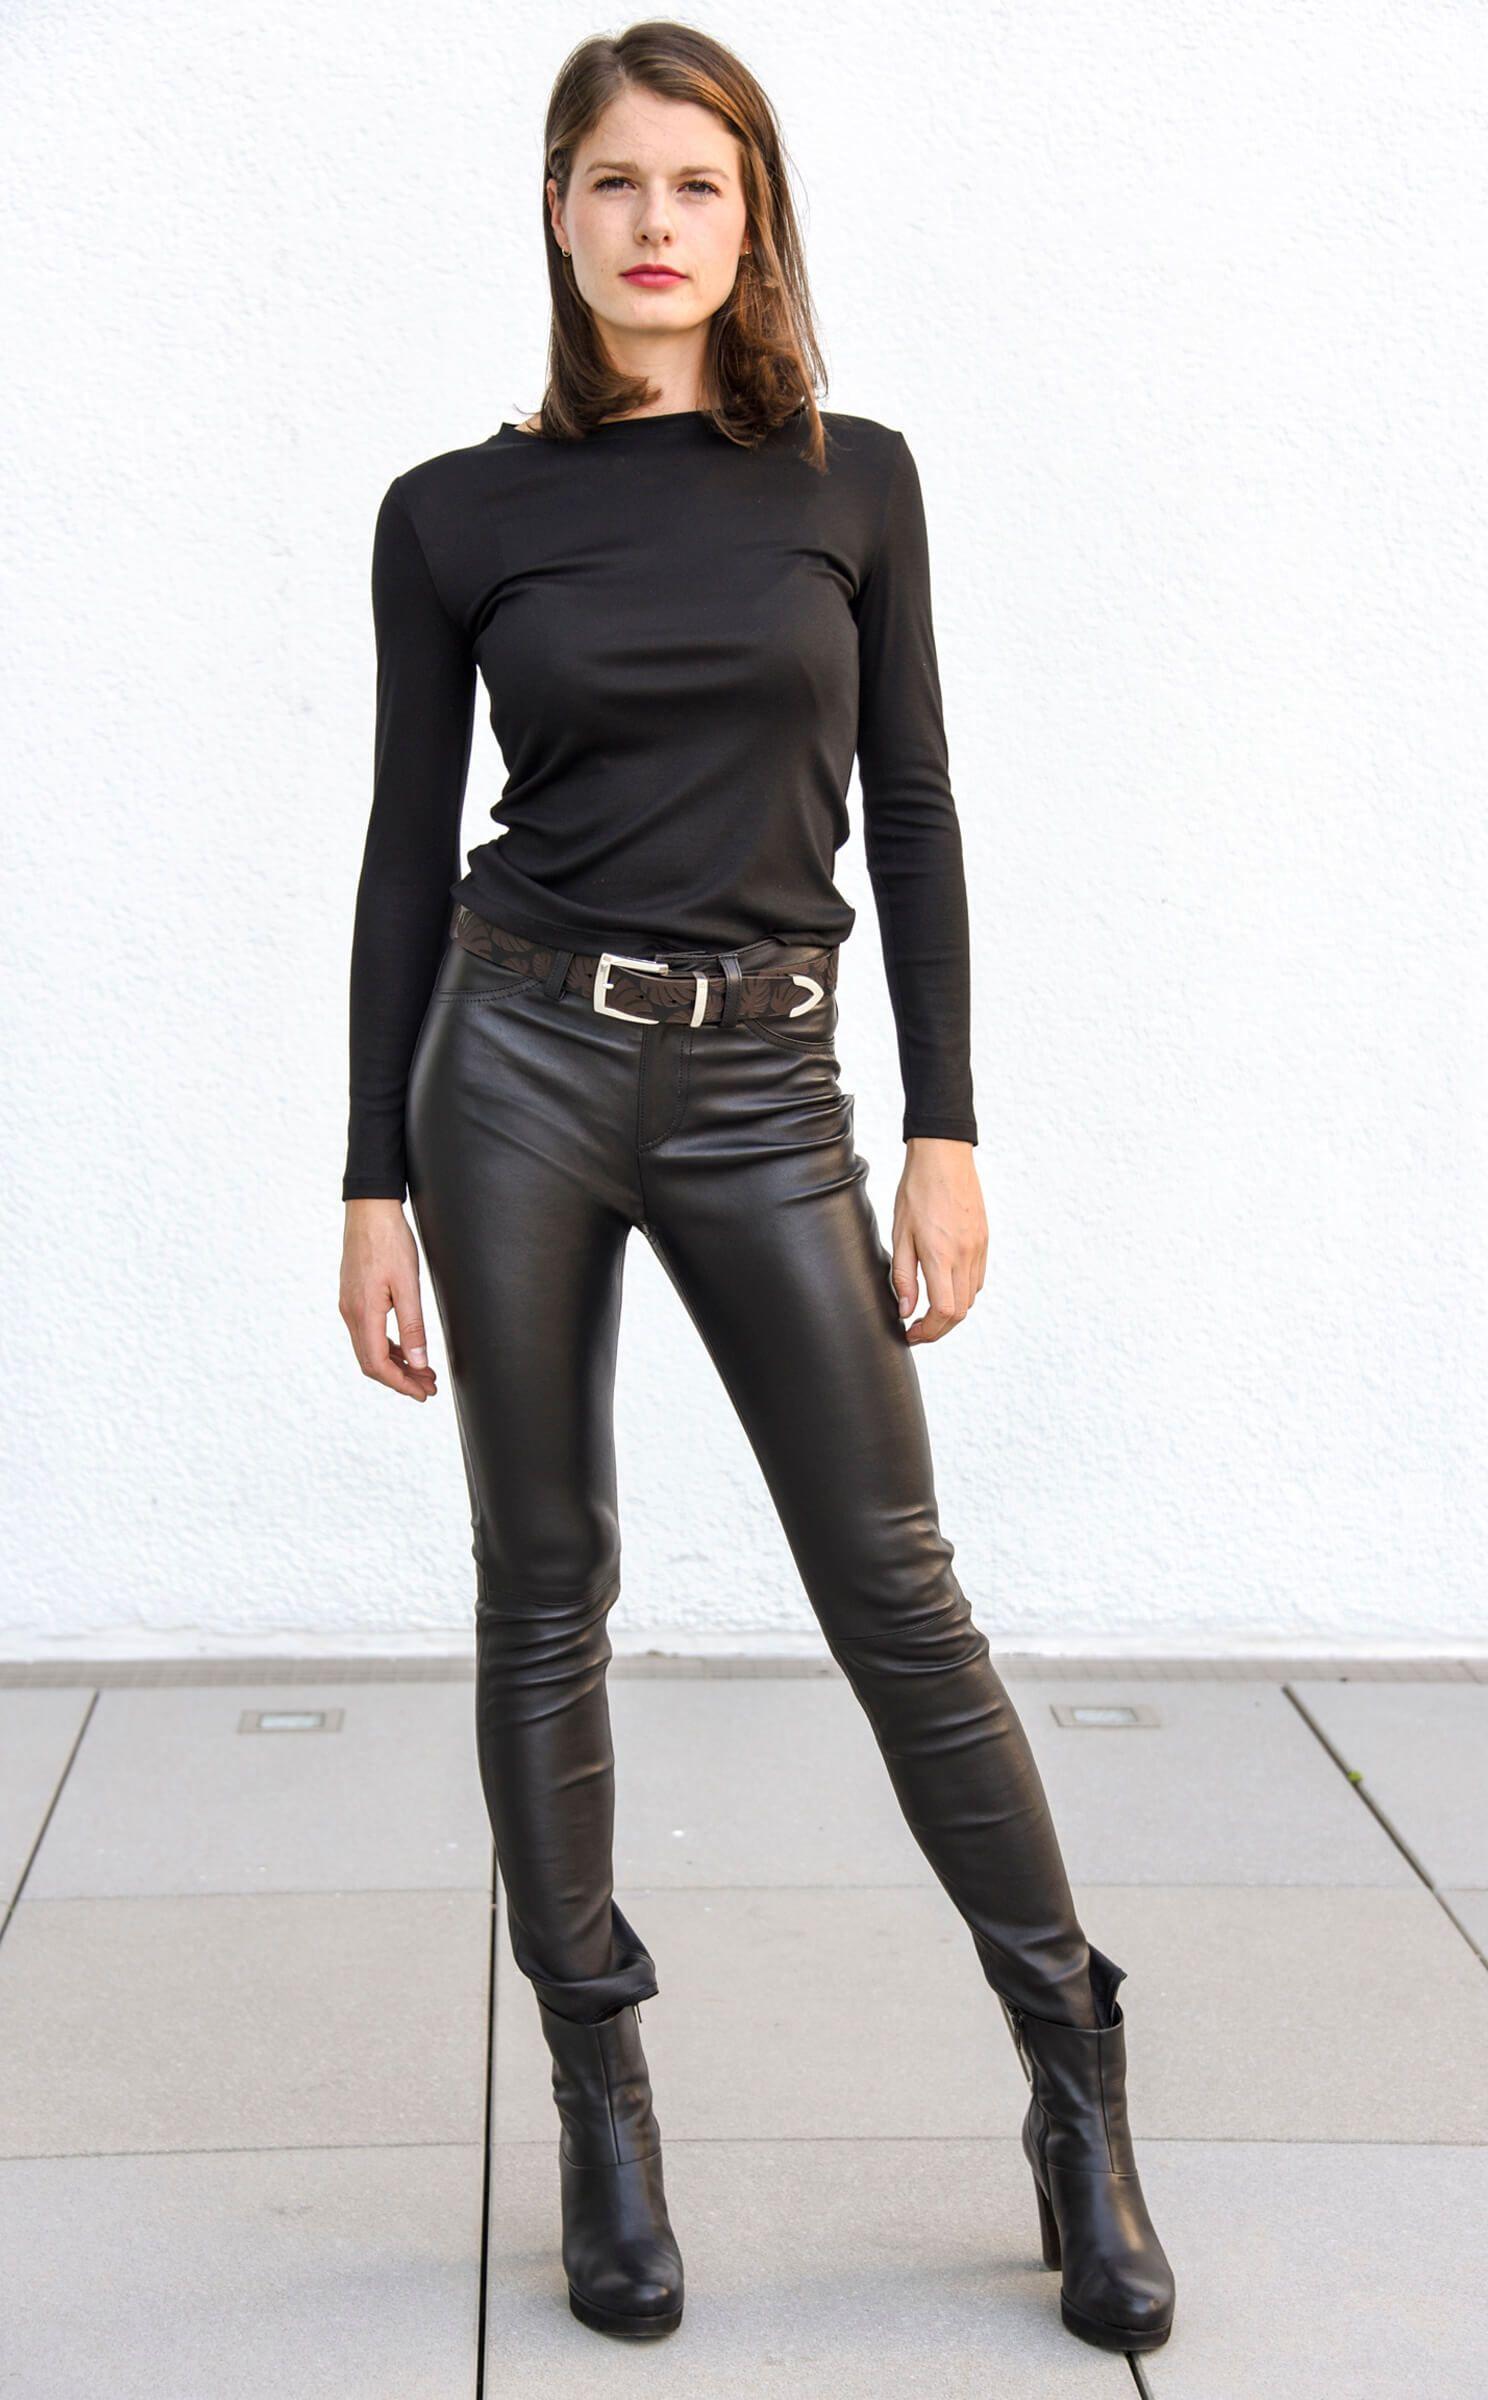 Damen Leder-Jeans, Nappaleder, Schwarz | wunschleder